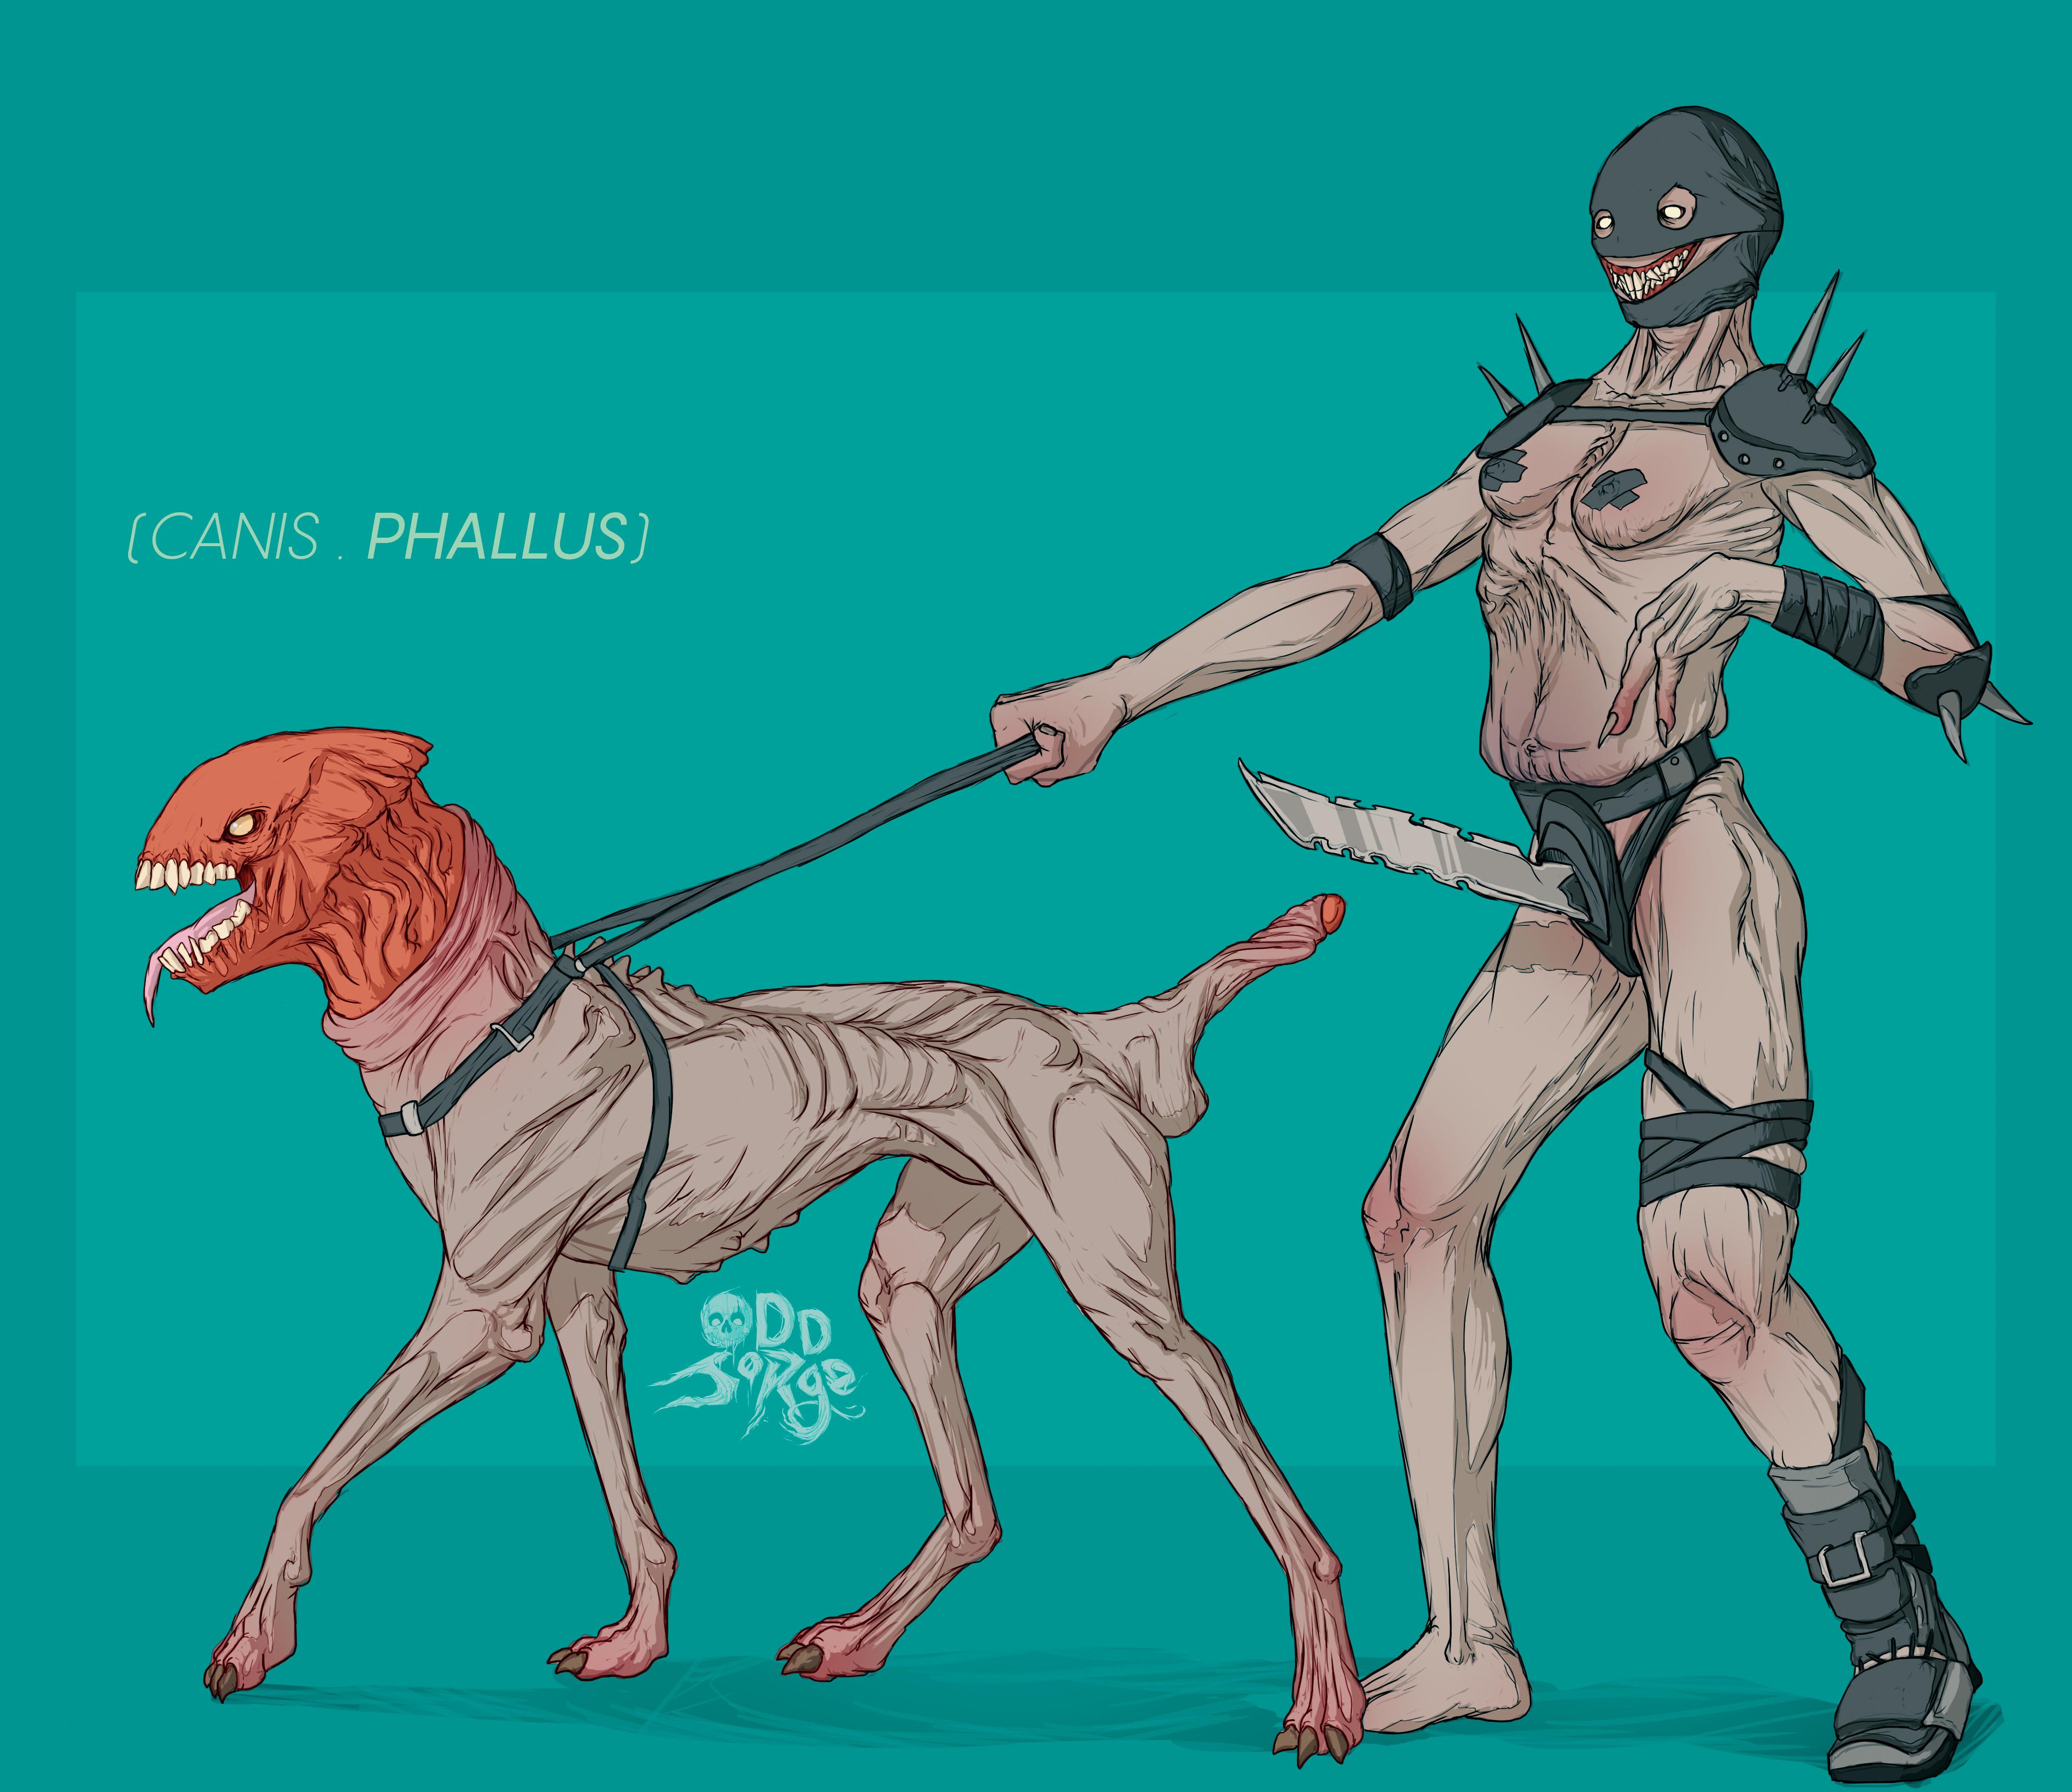 Canis.PHALLUS